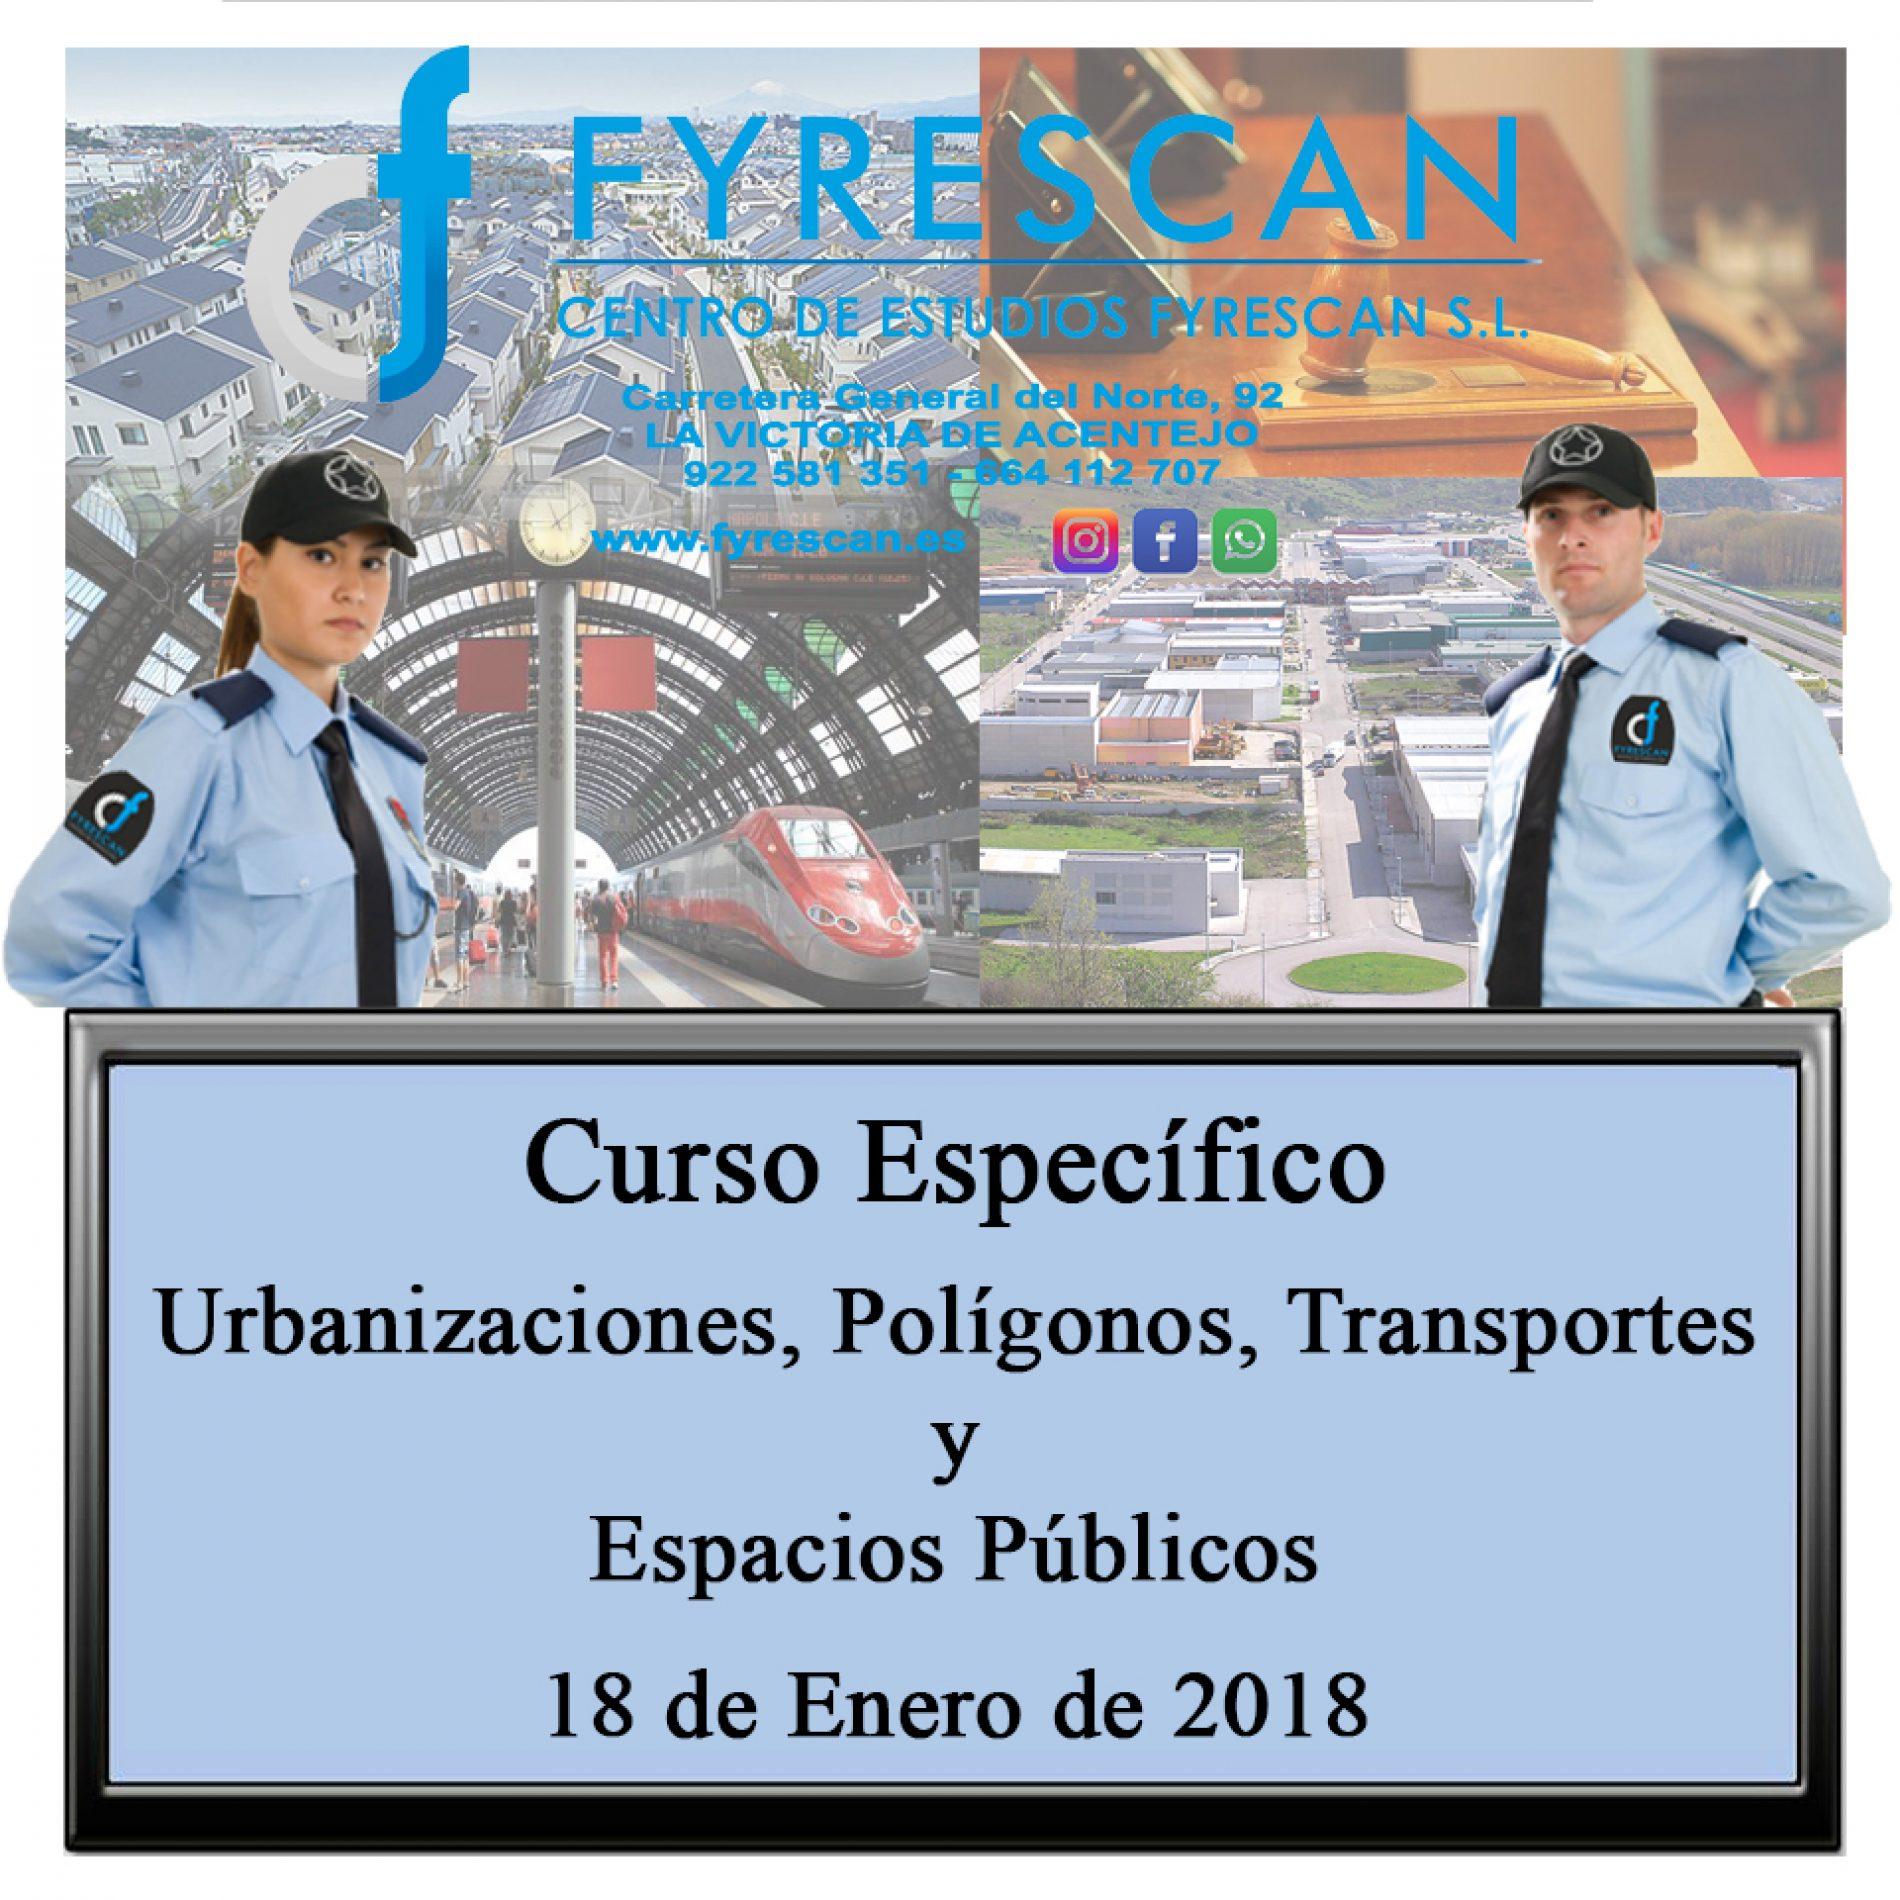 Curso Específico de Urbanizaciones, Polígonos, Transportes y Espacios Públicos 18 de Enero de 2018